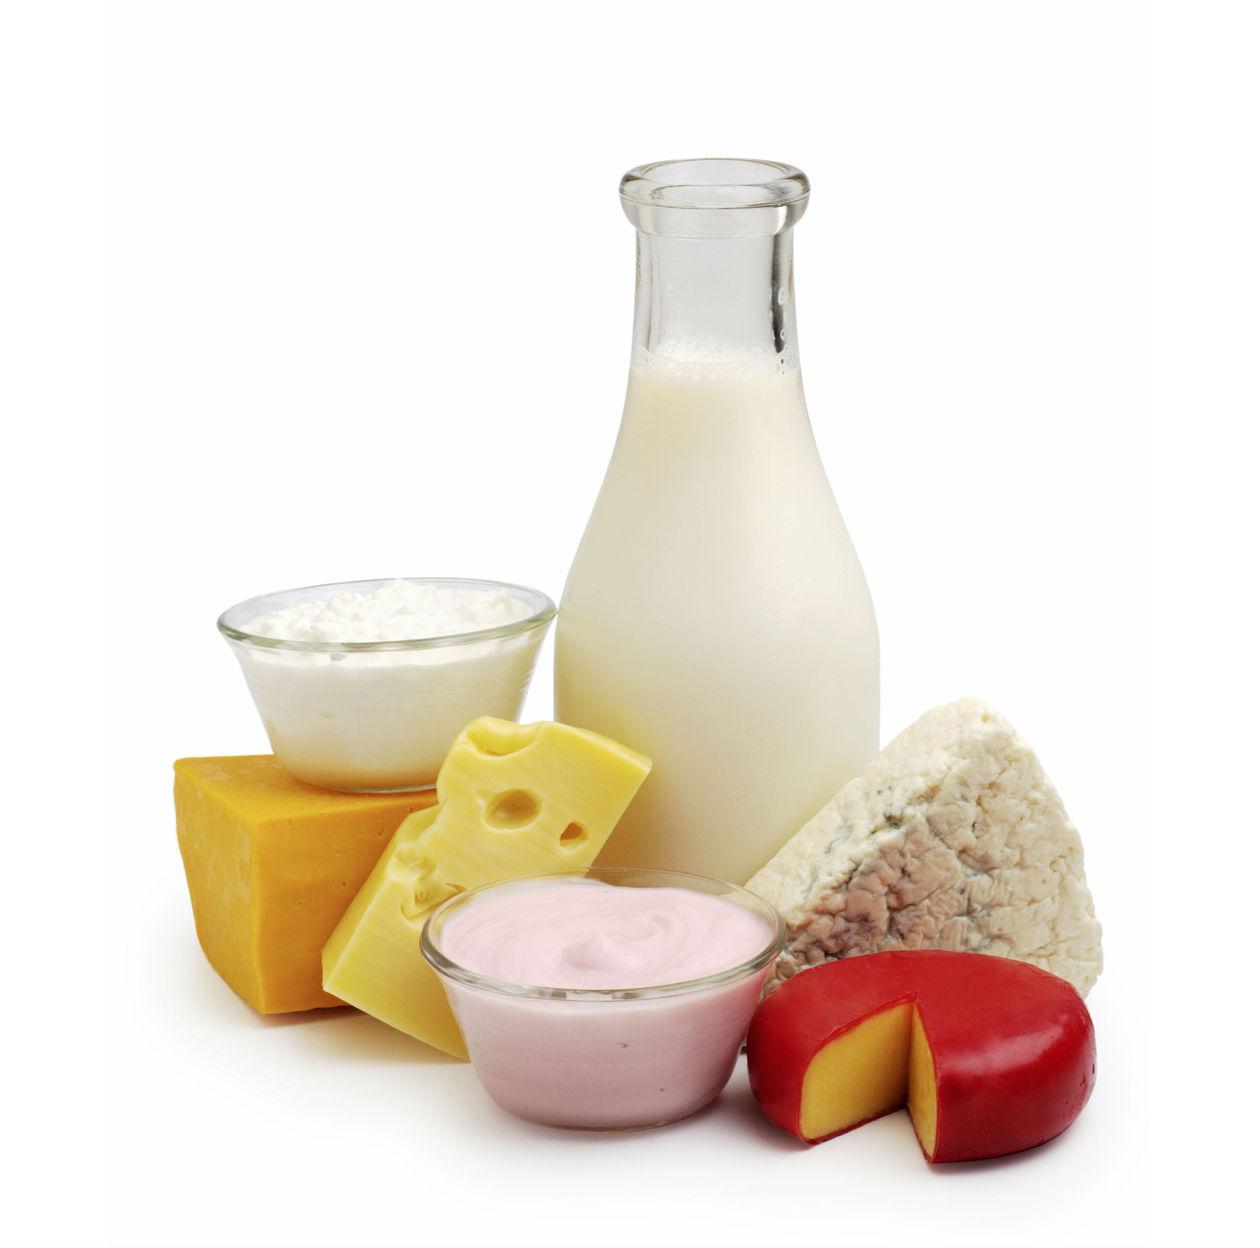 Illusztráció - tejtermékek. (Fotó: Connection/REX/Shutterstock)